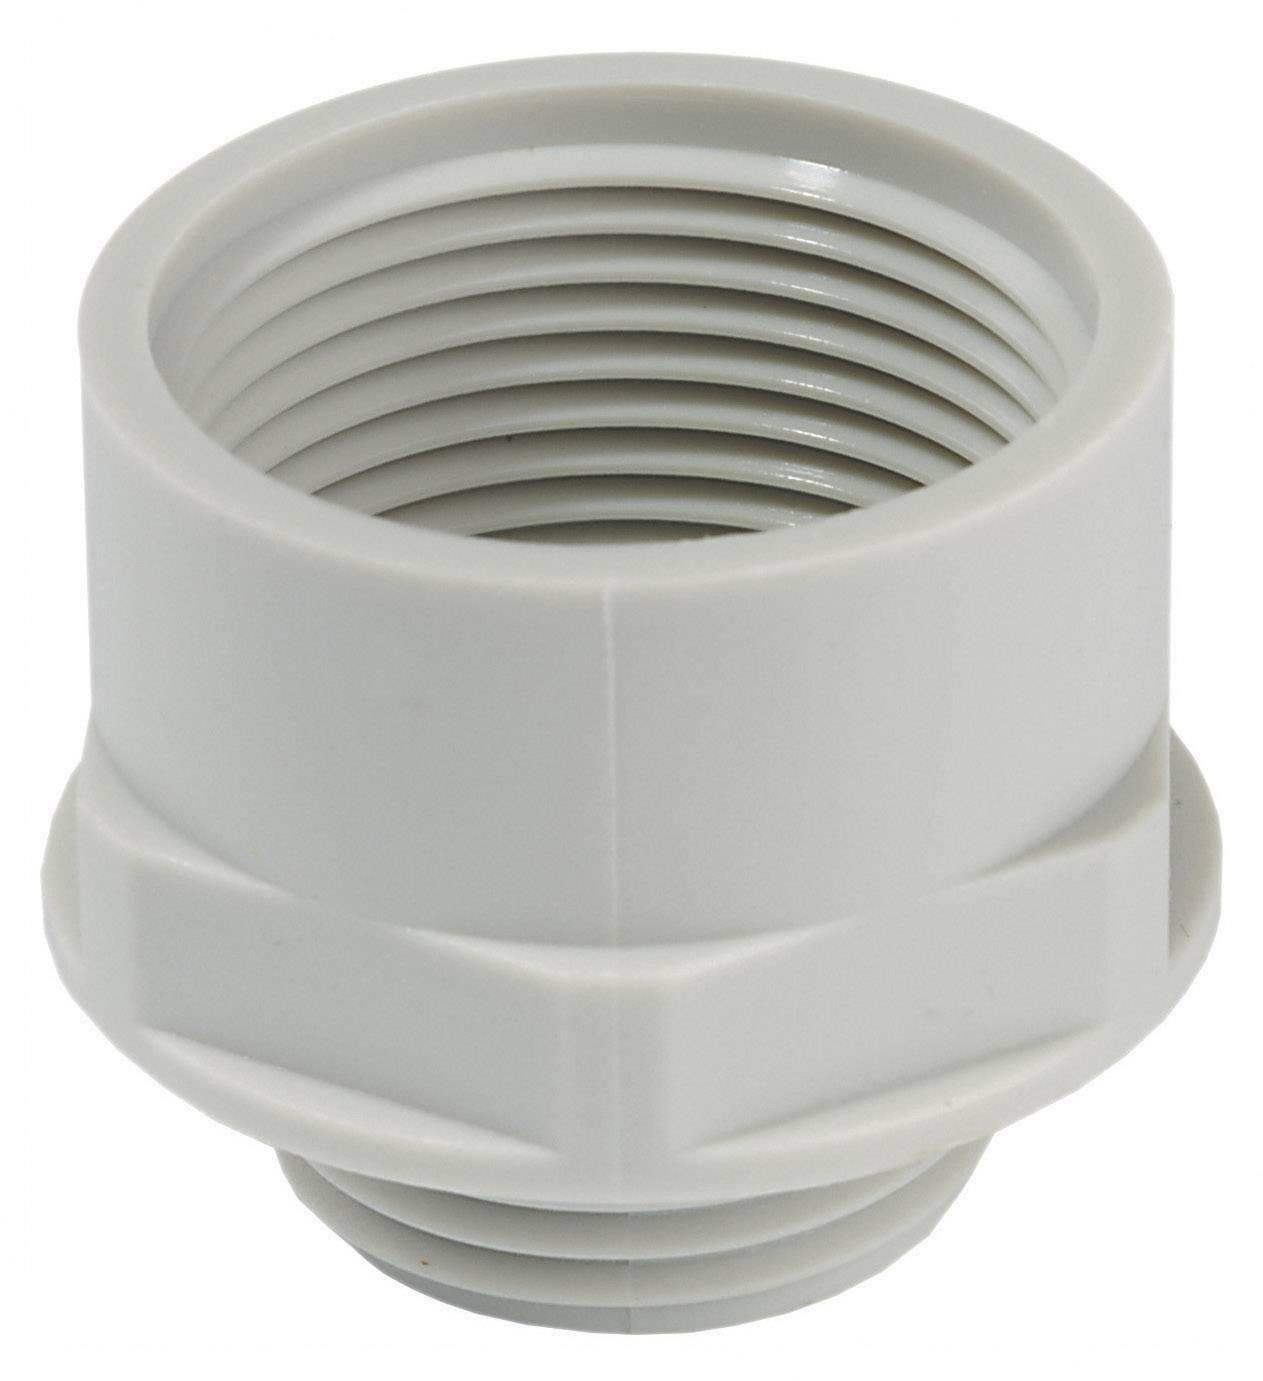 Adaptér kabelový spojky Wiska KEM 25/32 (10063573), M25, světle šedá